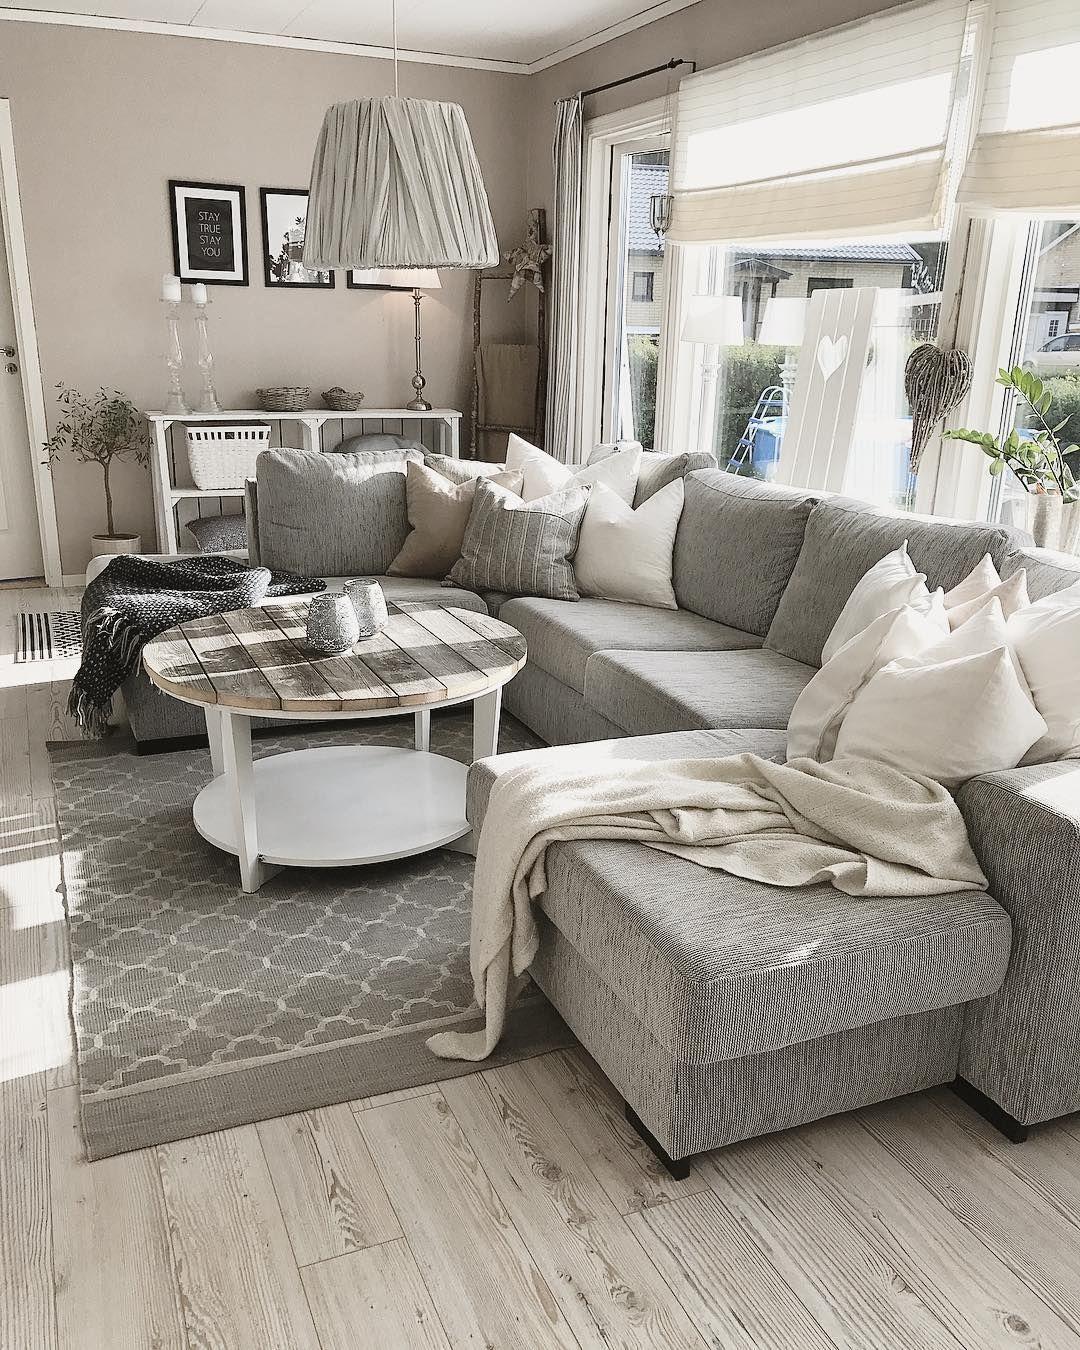 Marlne on Instagram u201cu201d Living Room DecorLiving